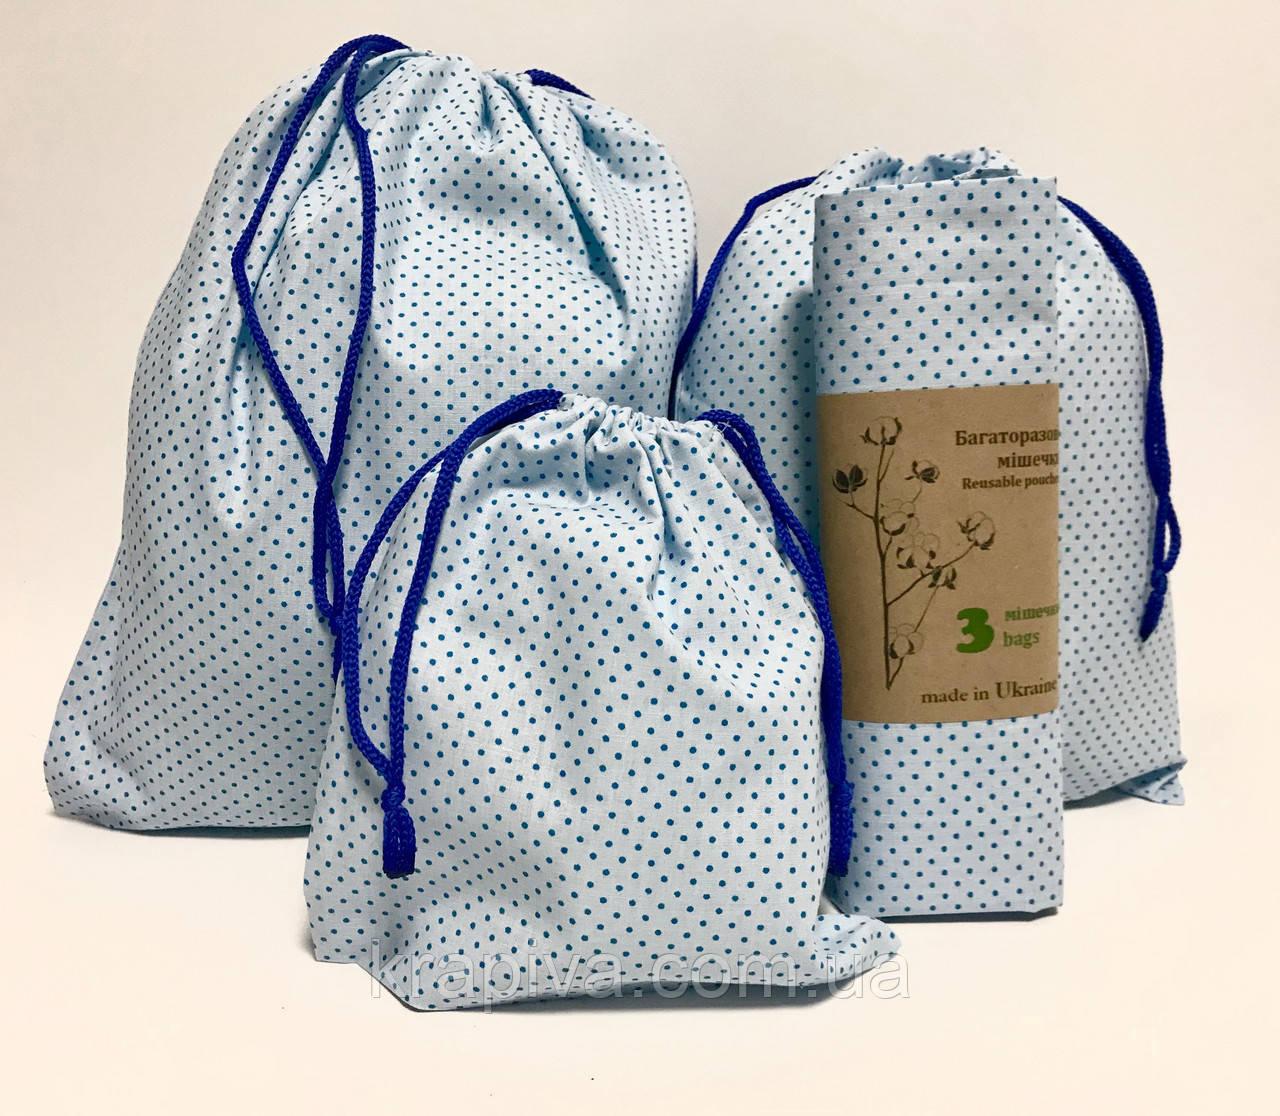 Экомешок из ткани, набор из 3-х шт. Бязь, самозатягивающиеся, эко-мешок